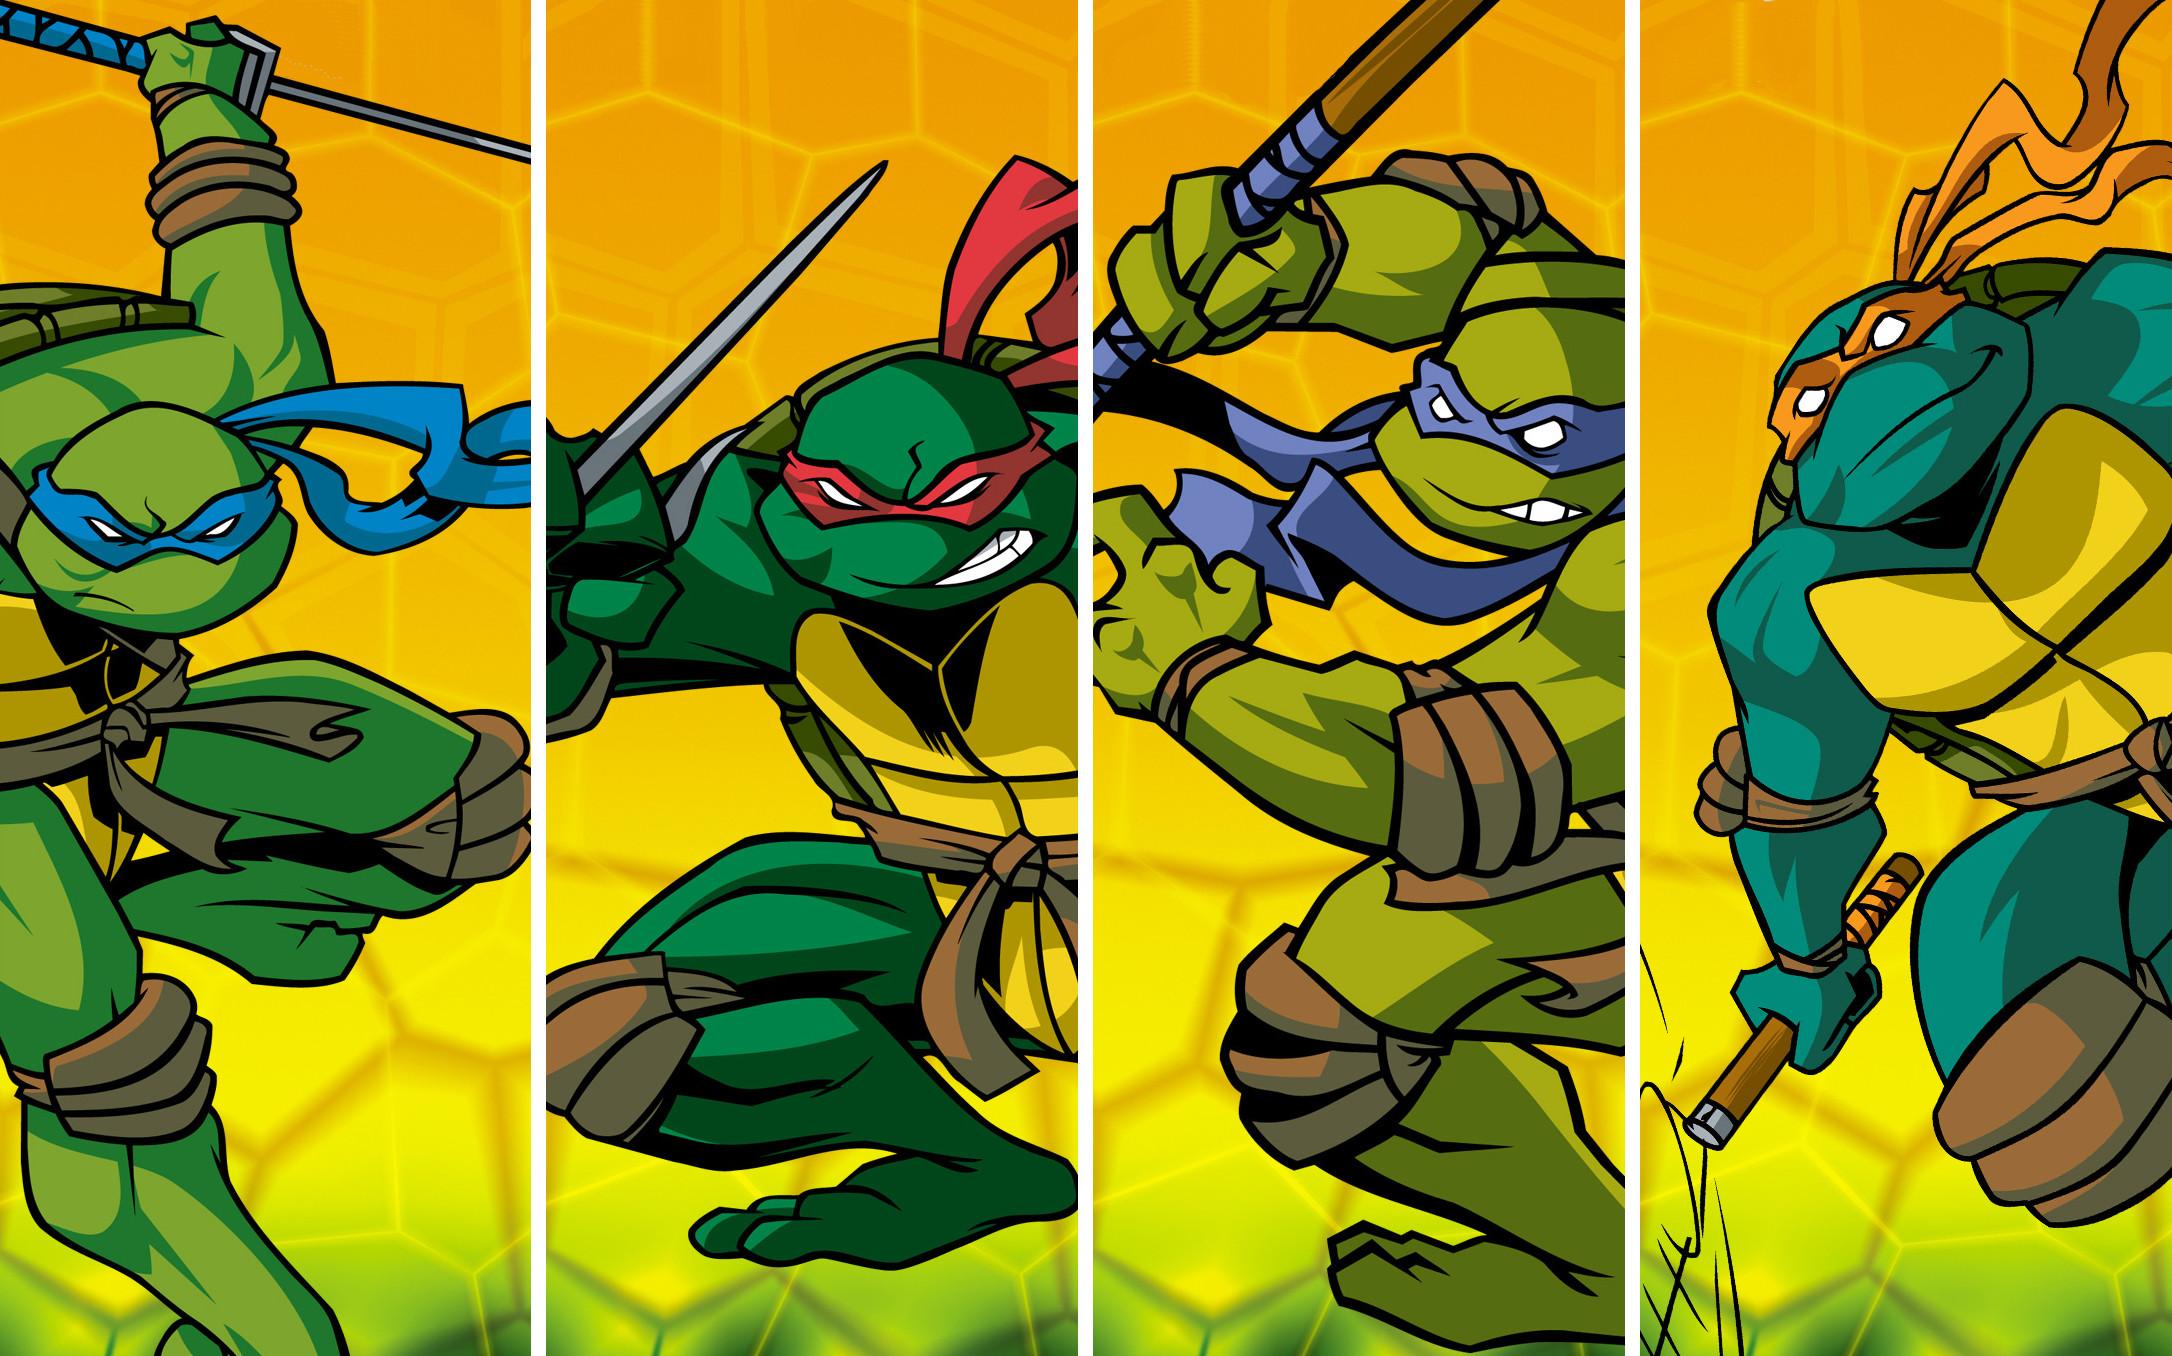 … ninja turtles hd wallpaper wallpapersafari …